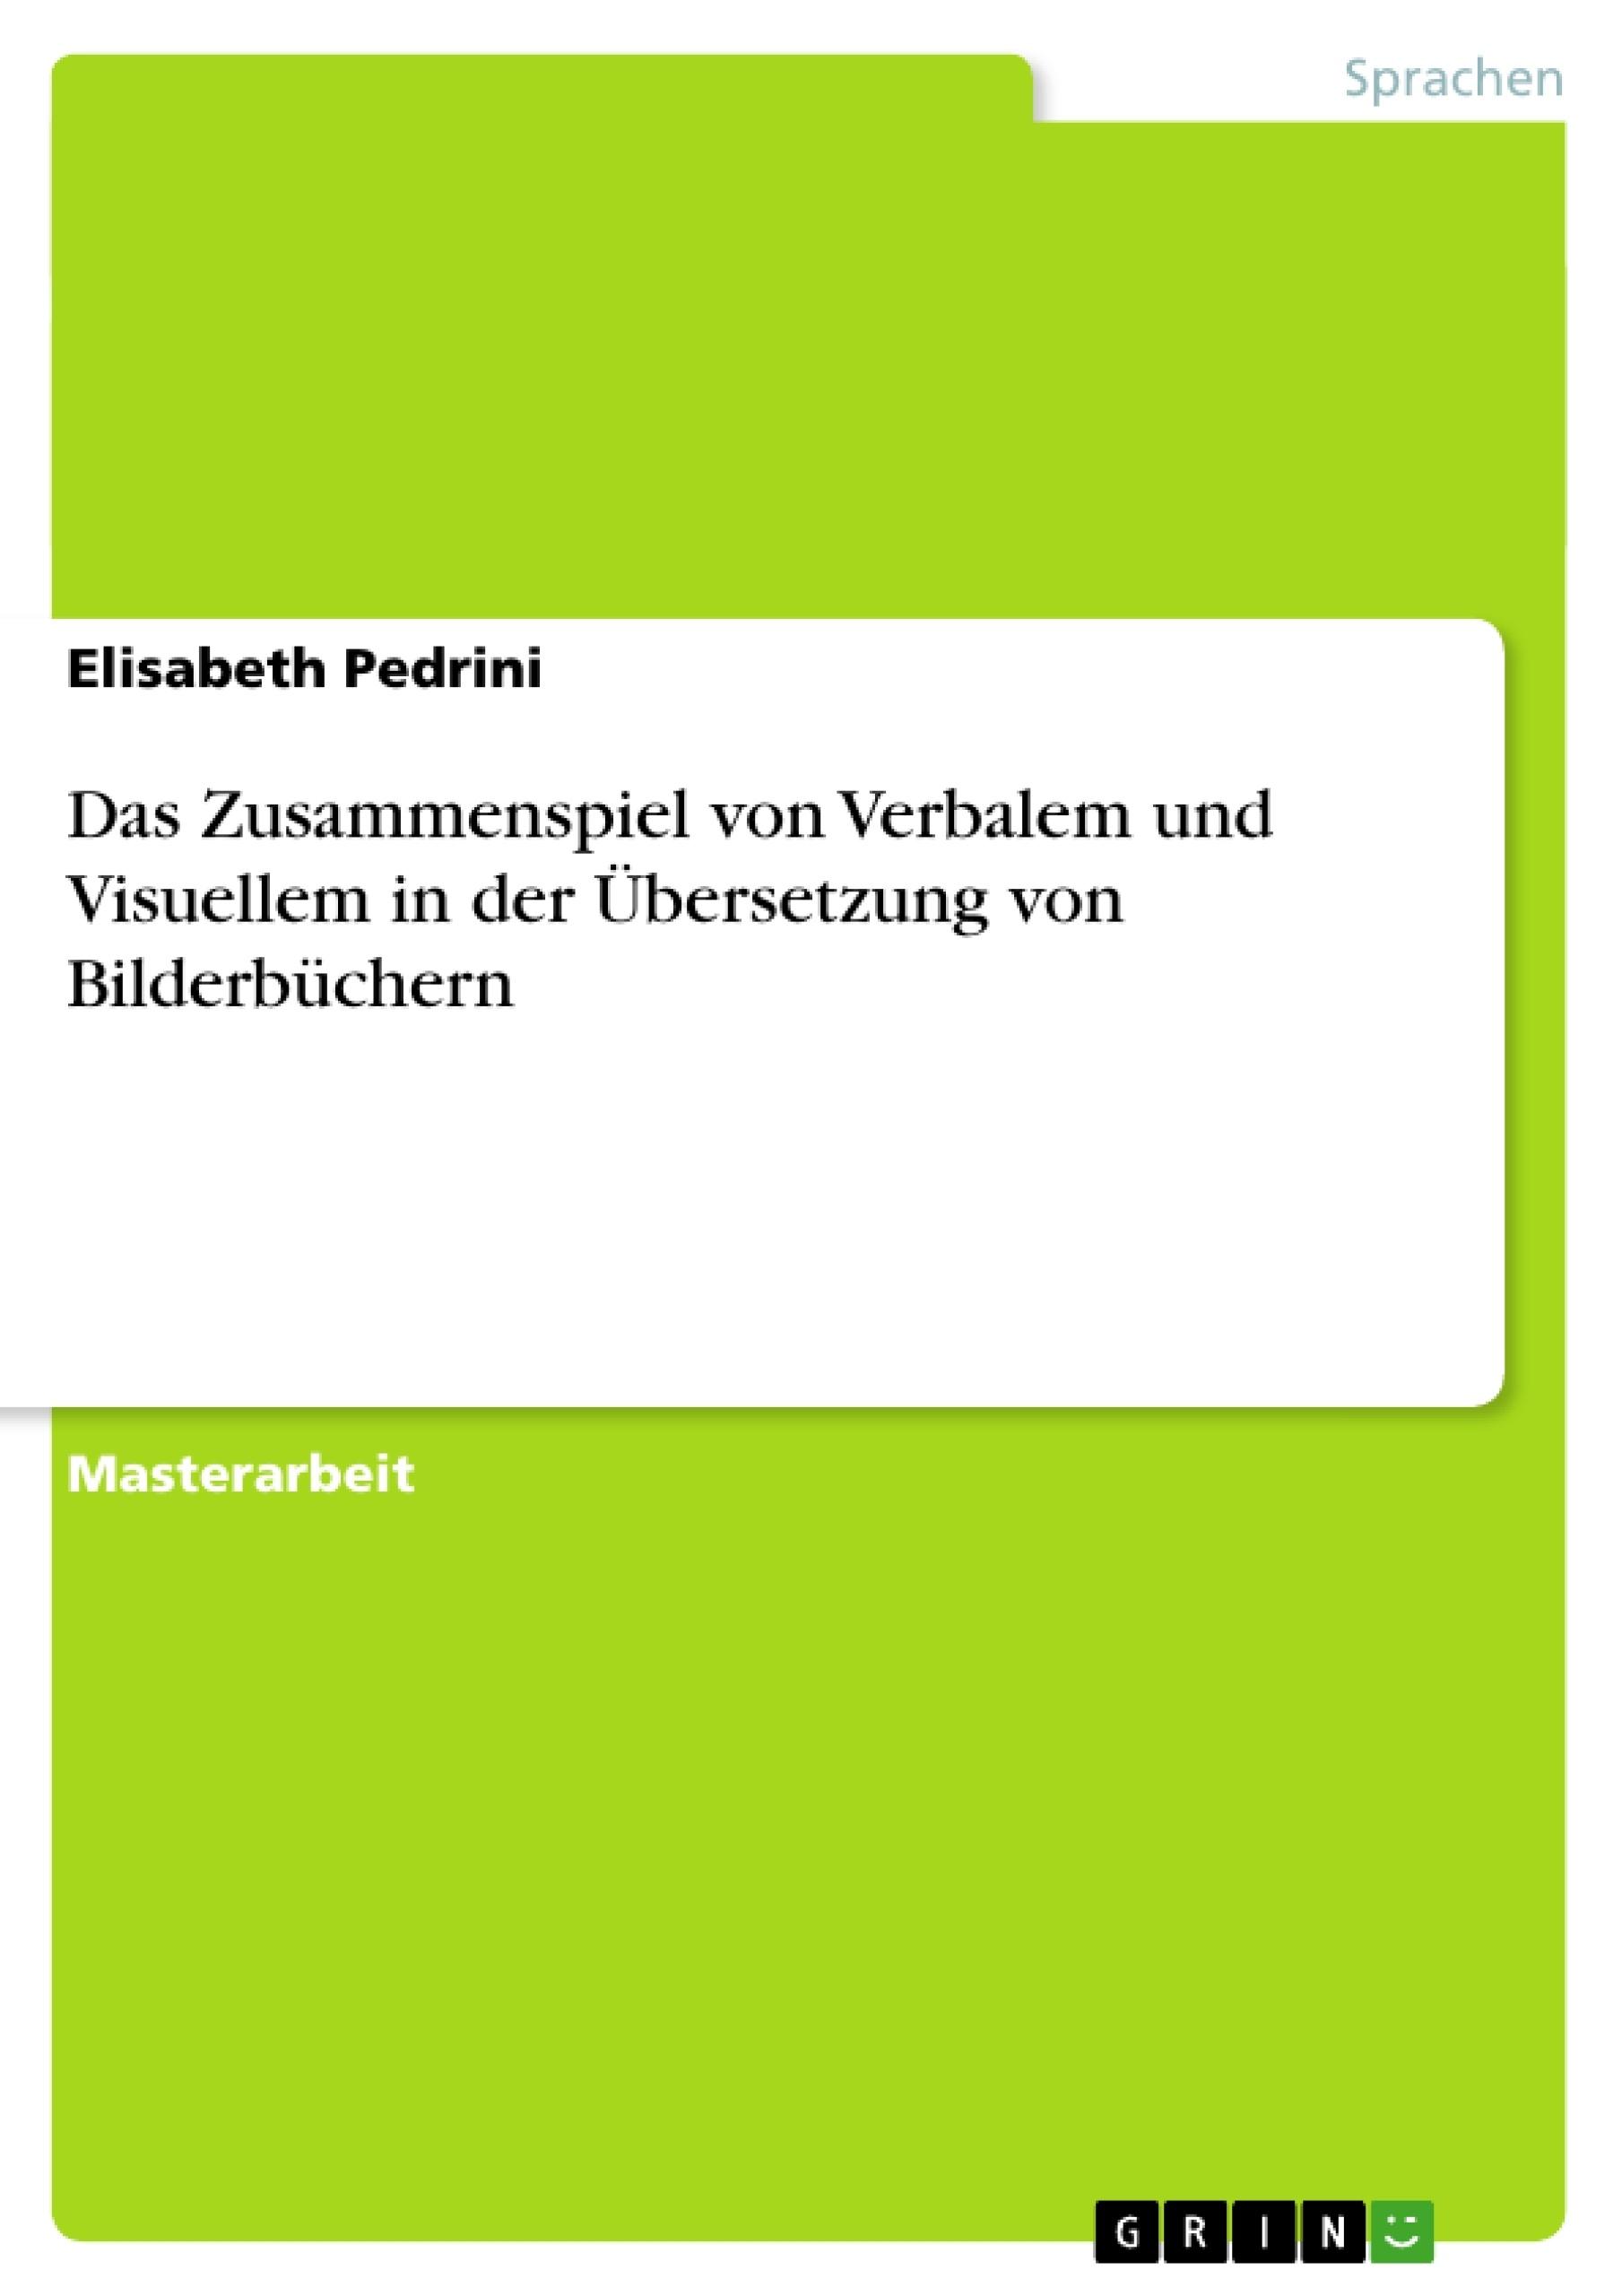 Titel: Das Zusammenspiel von Verbalem und Visuellem in der Übersetzung von Bilderbüchern